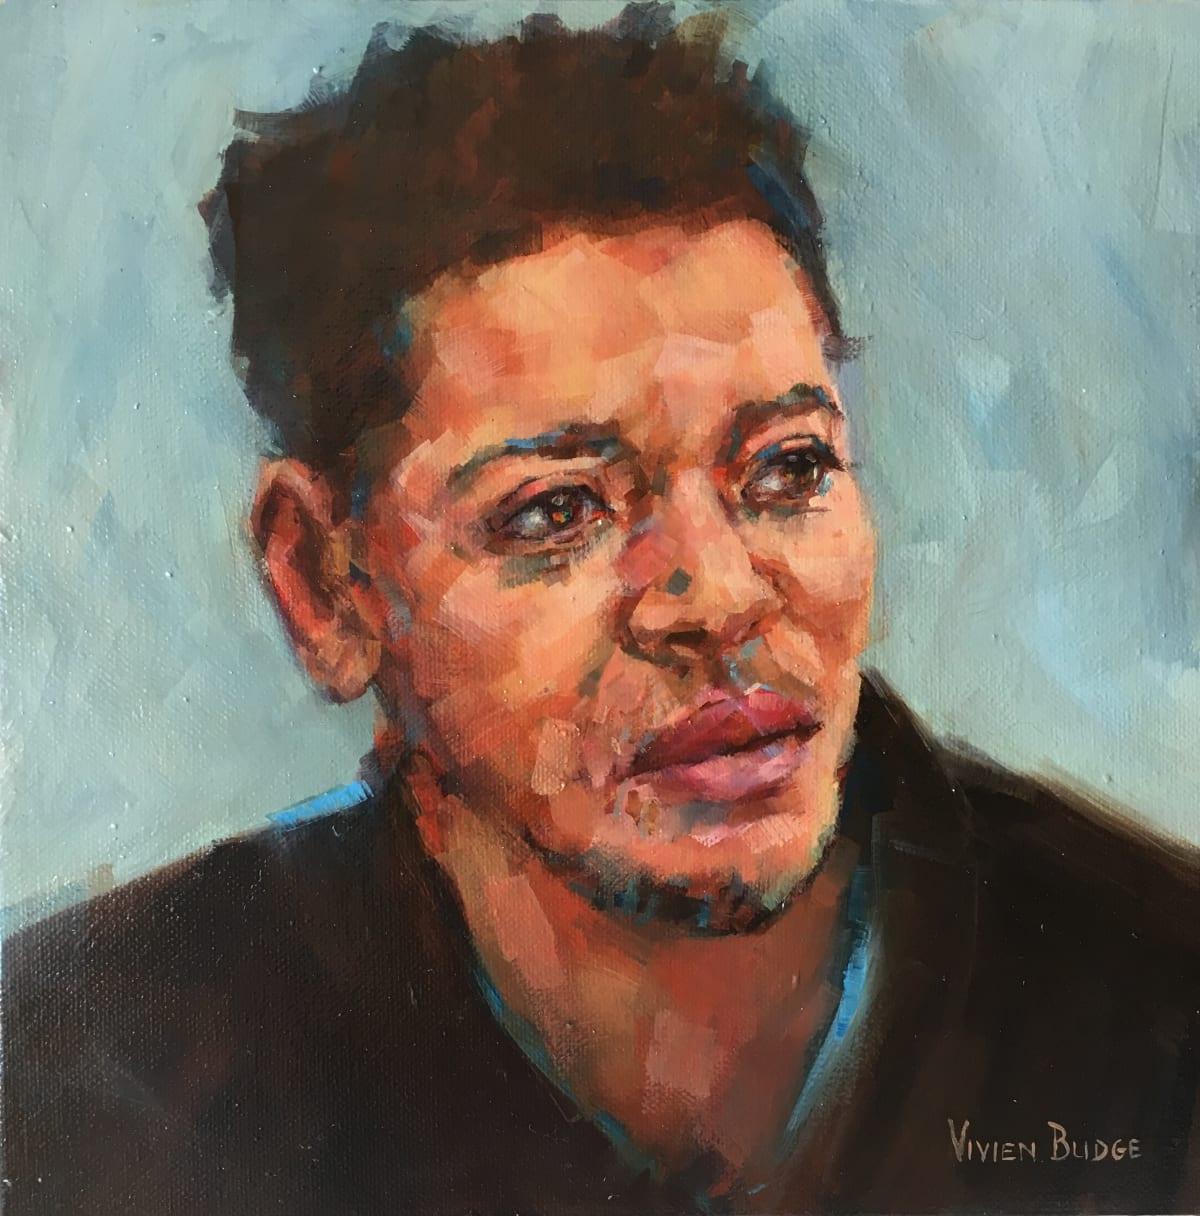 Vivien Budge , Untitled portrait 2, 2018